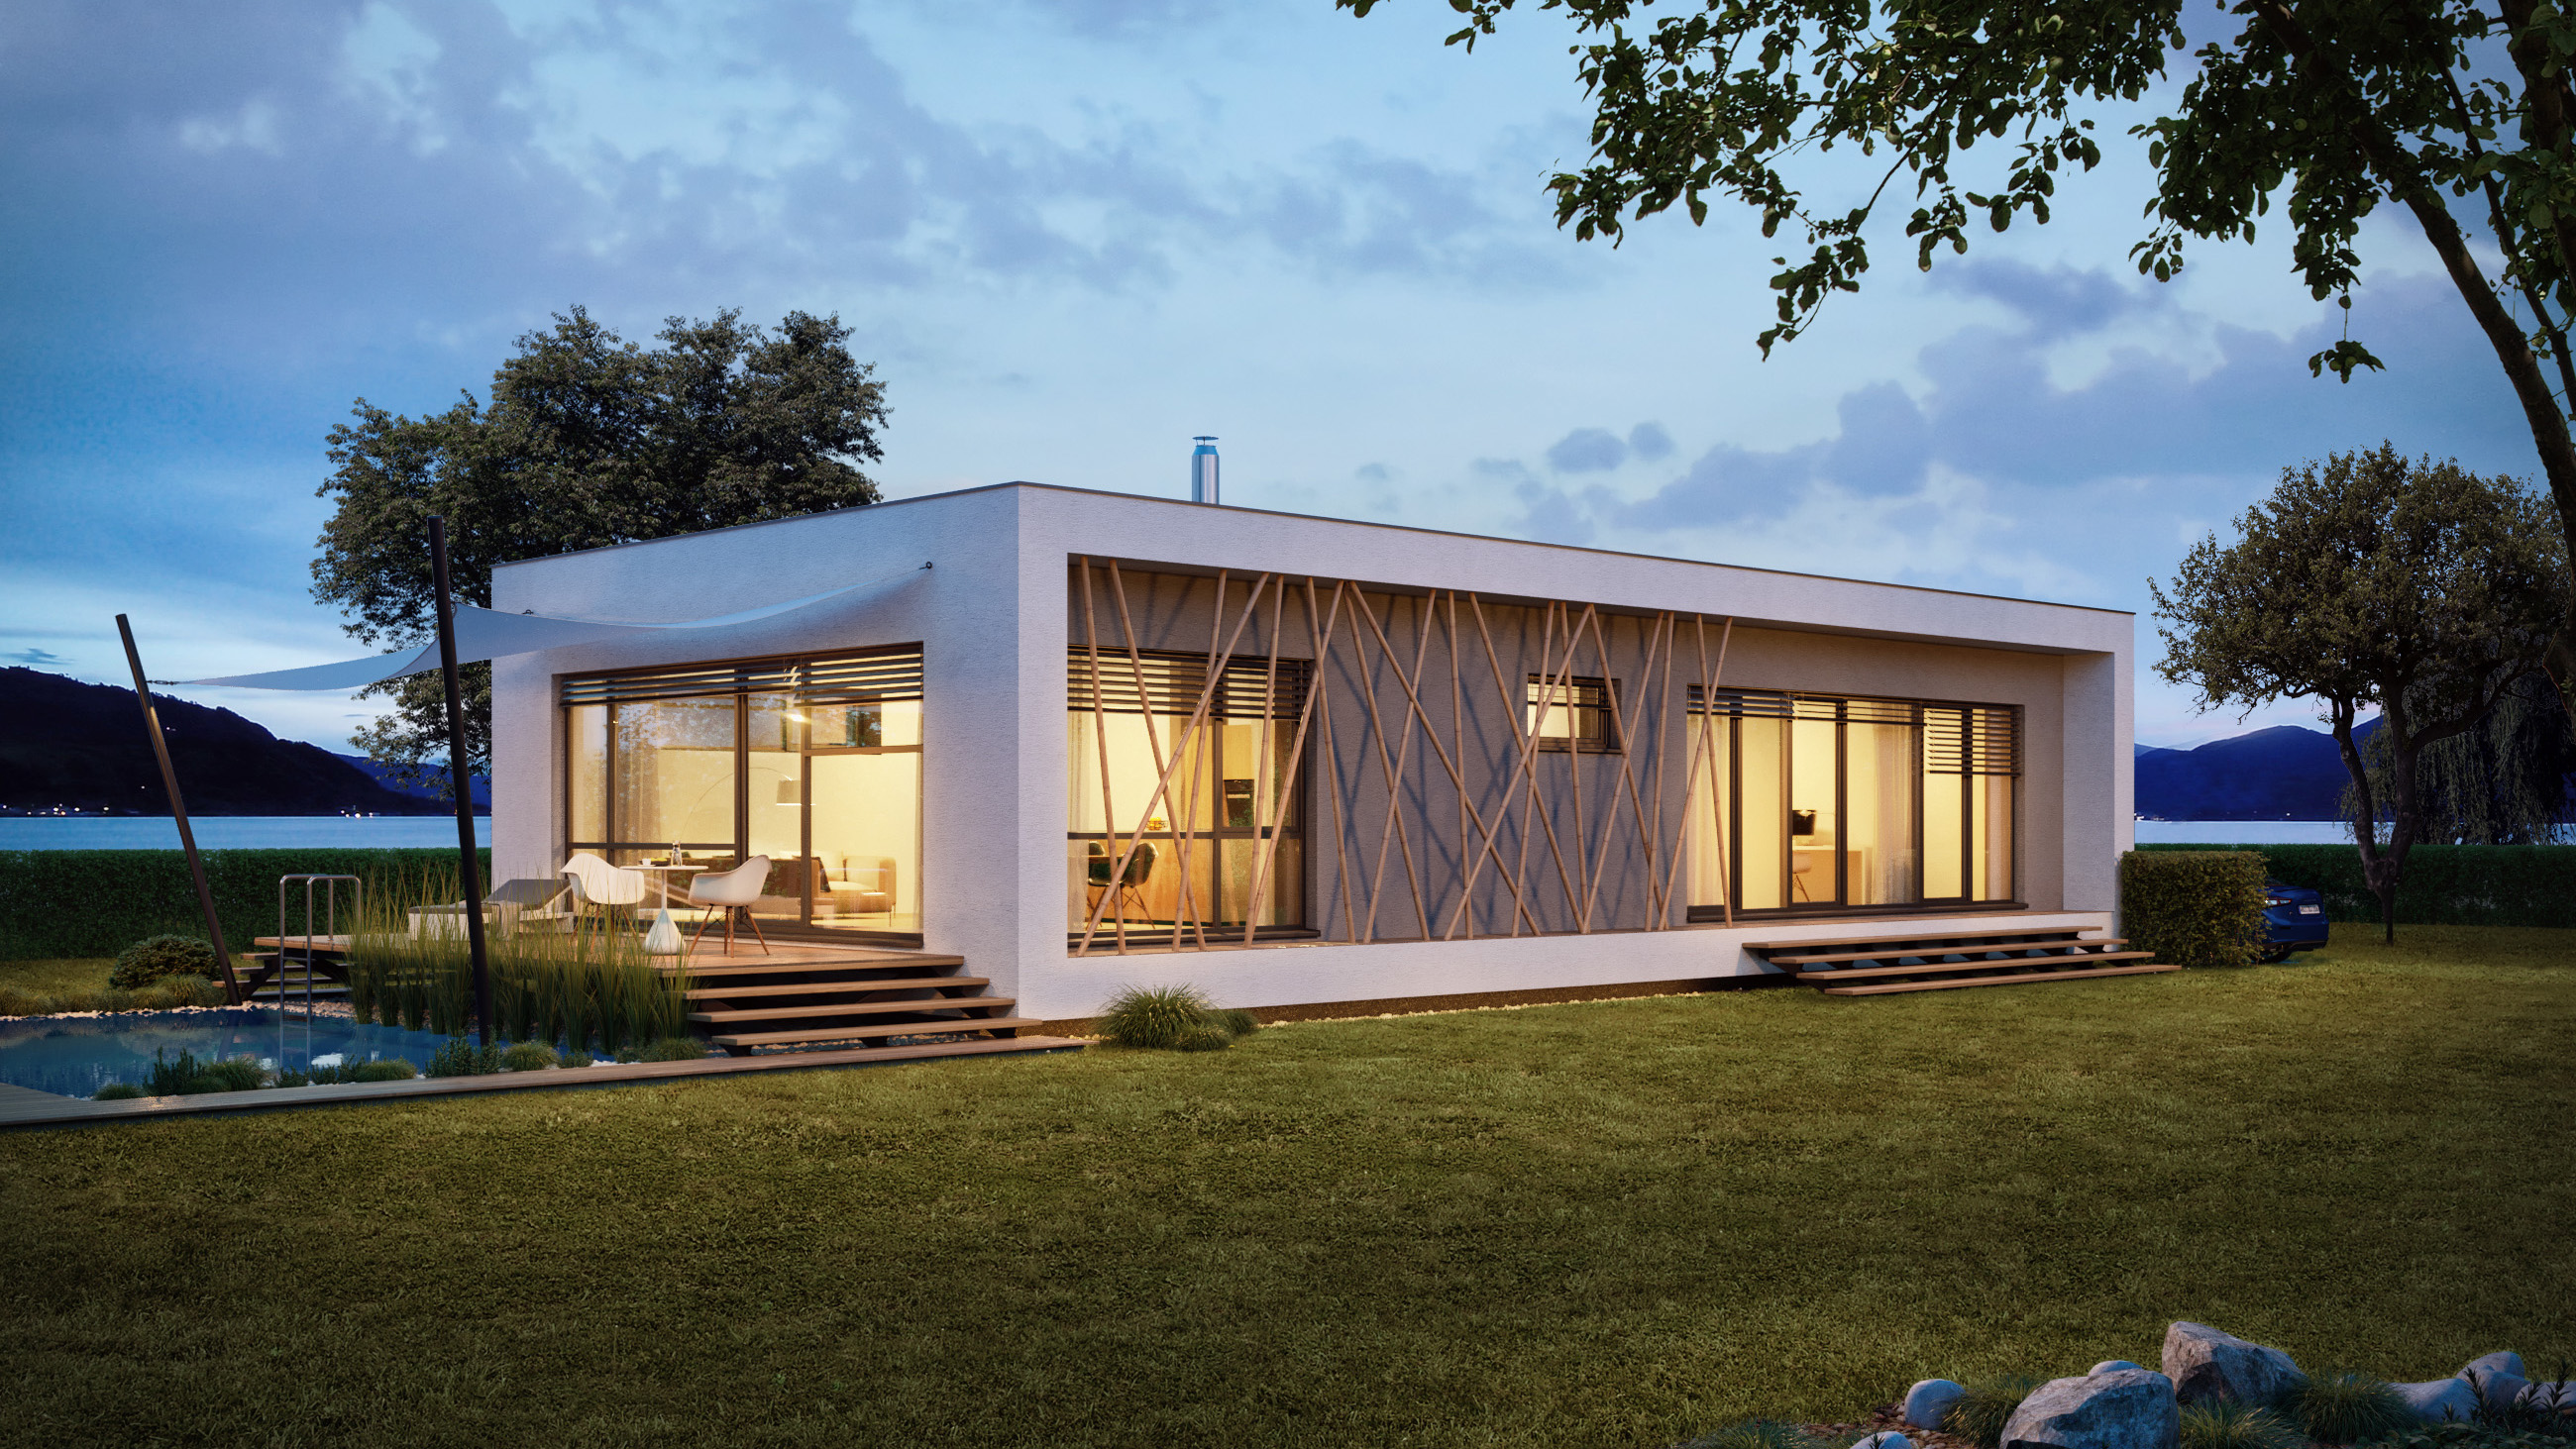 Projekty moderných domov